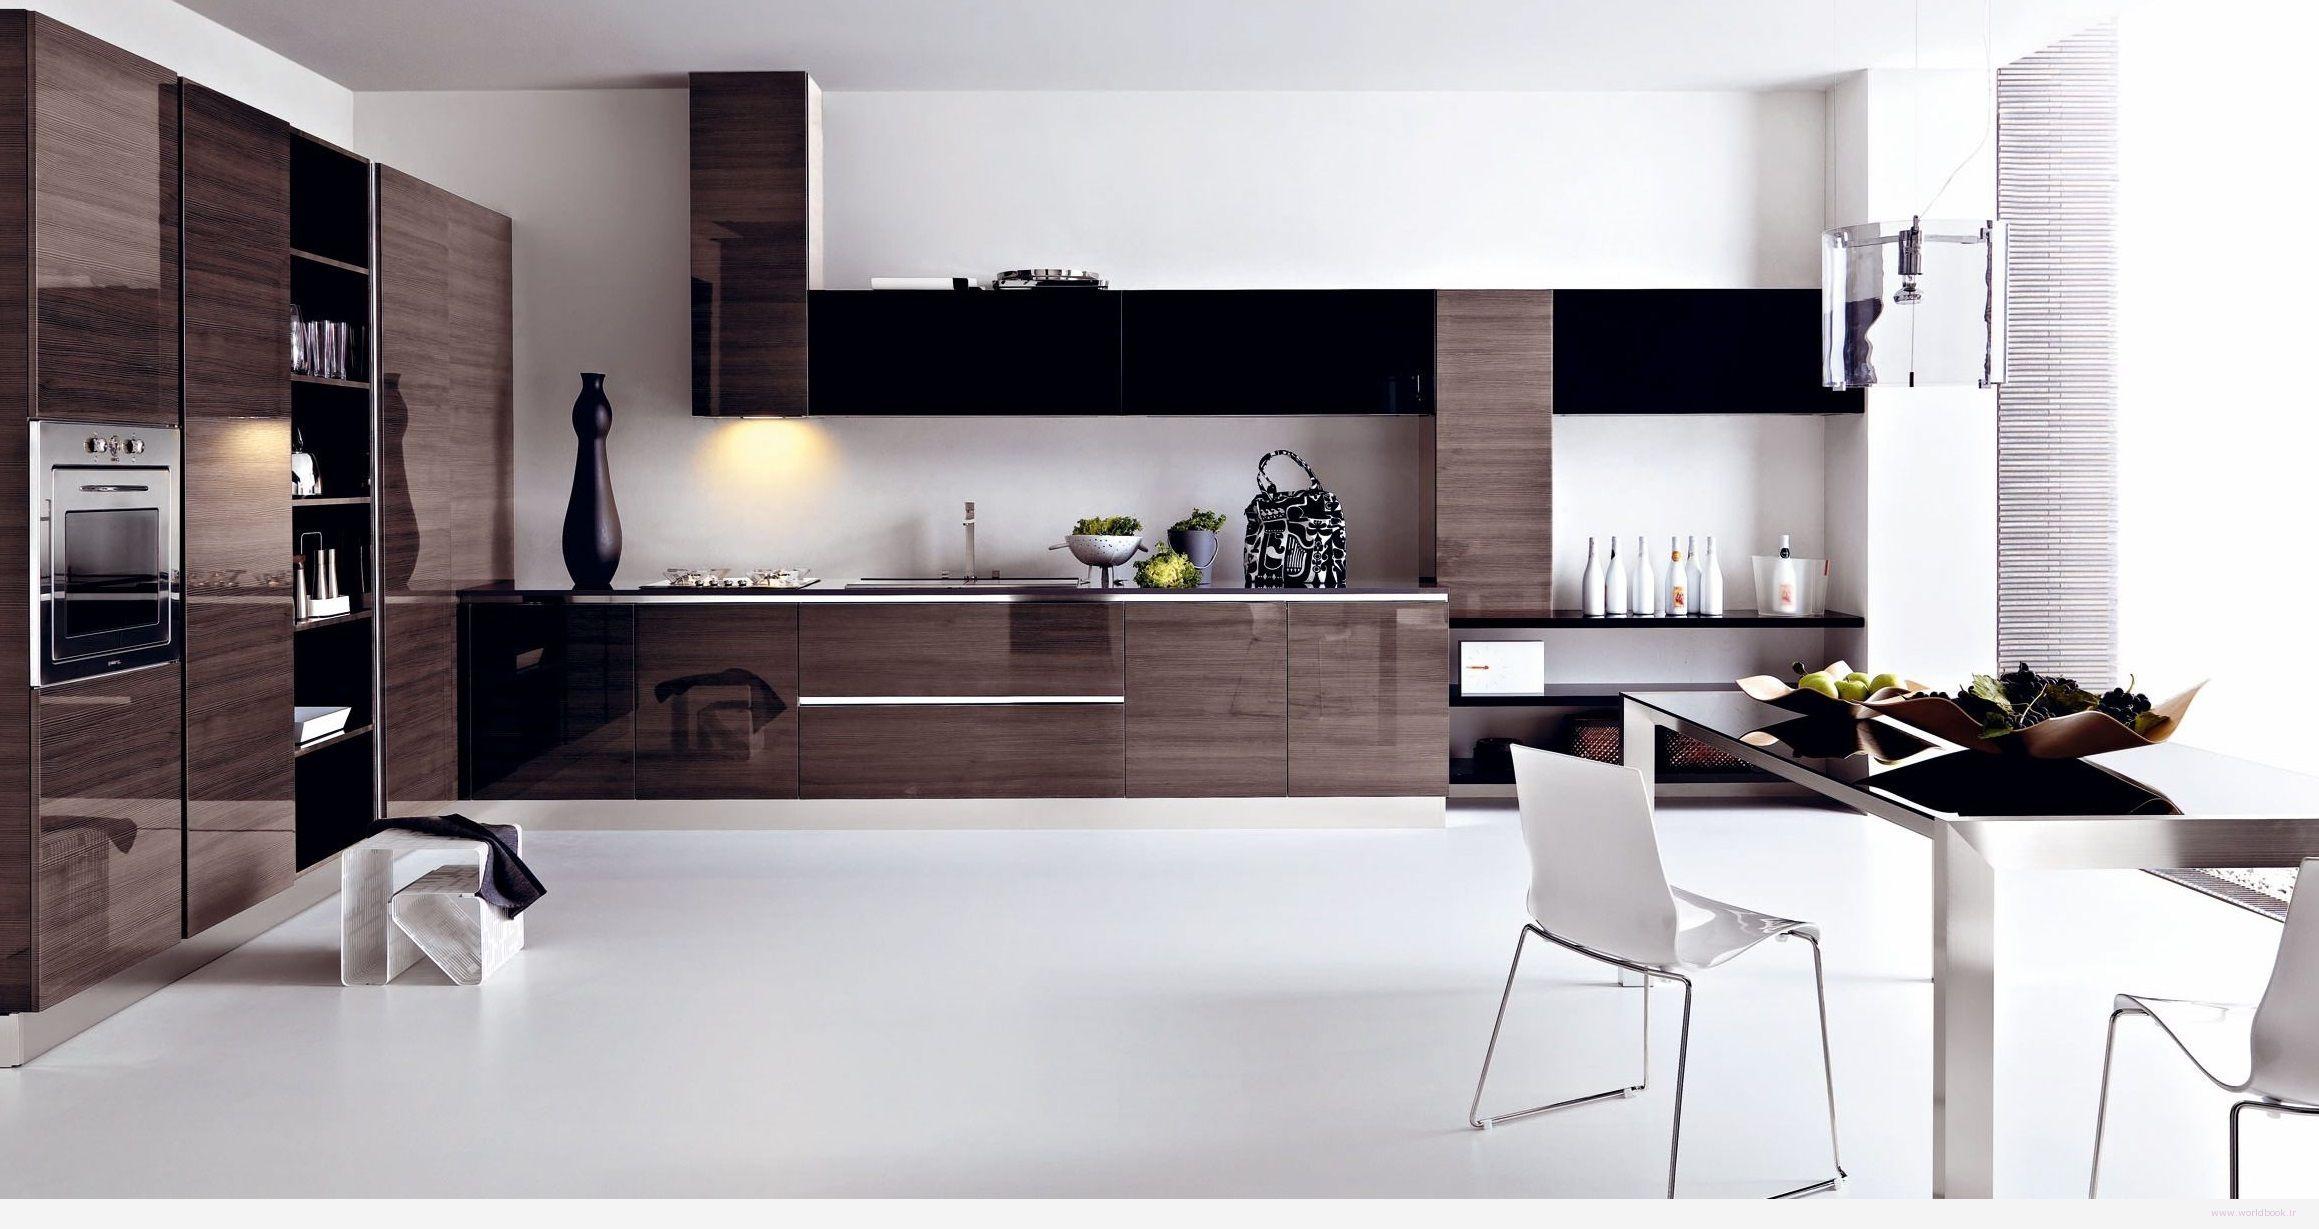 مدل طرحهای جدید دکوراسیون آشپزخانه 2015